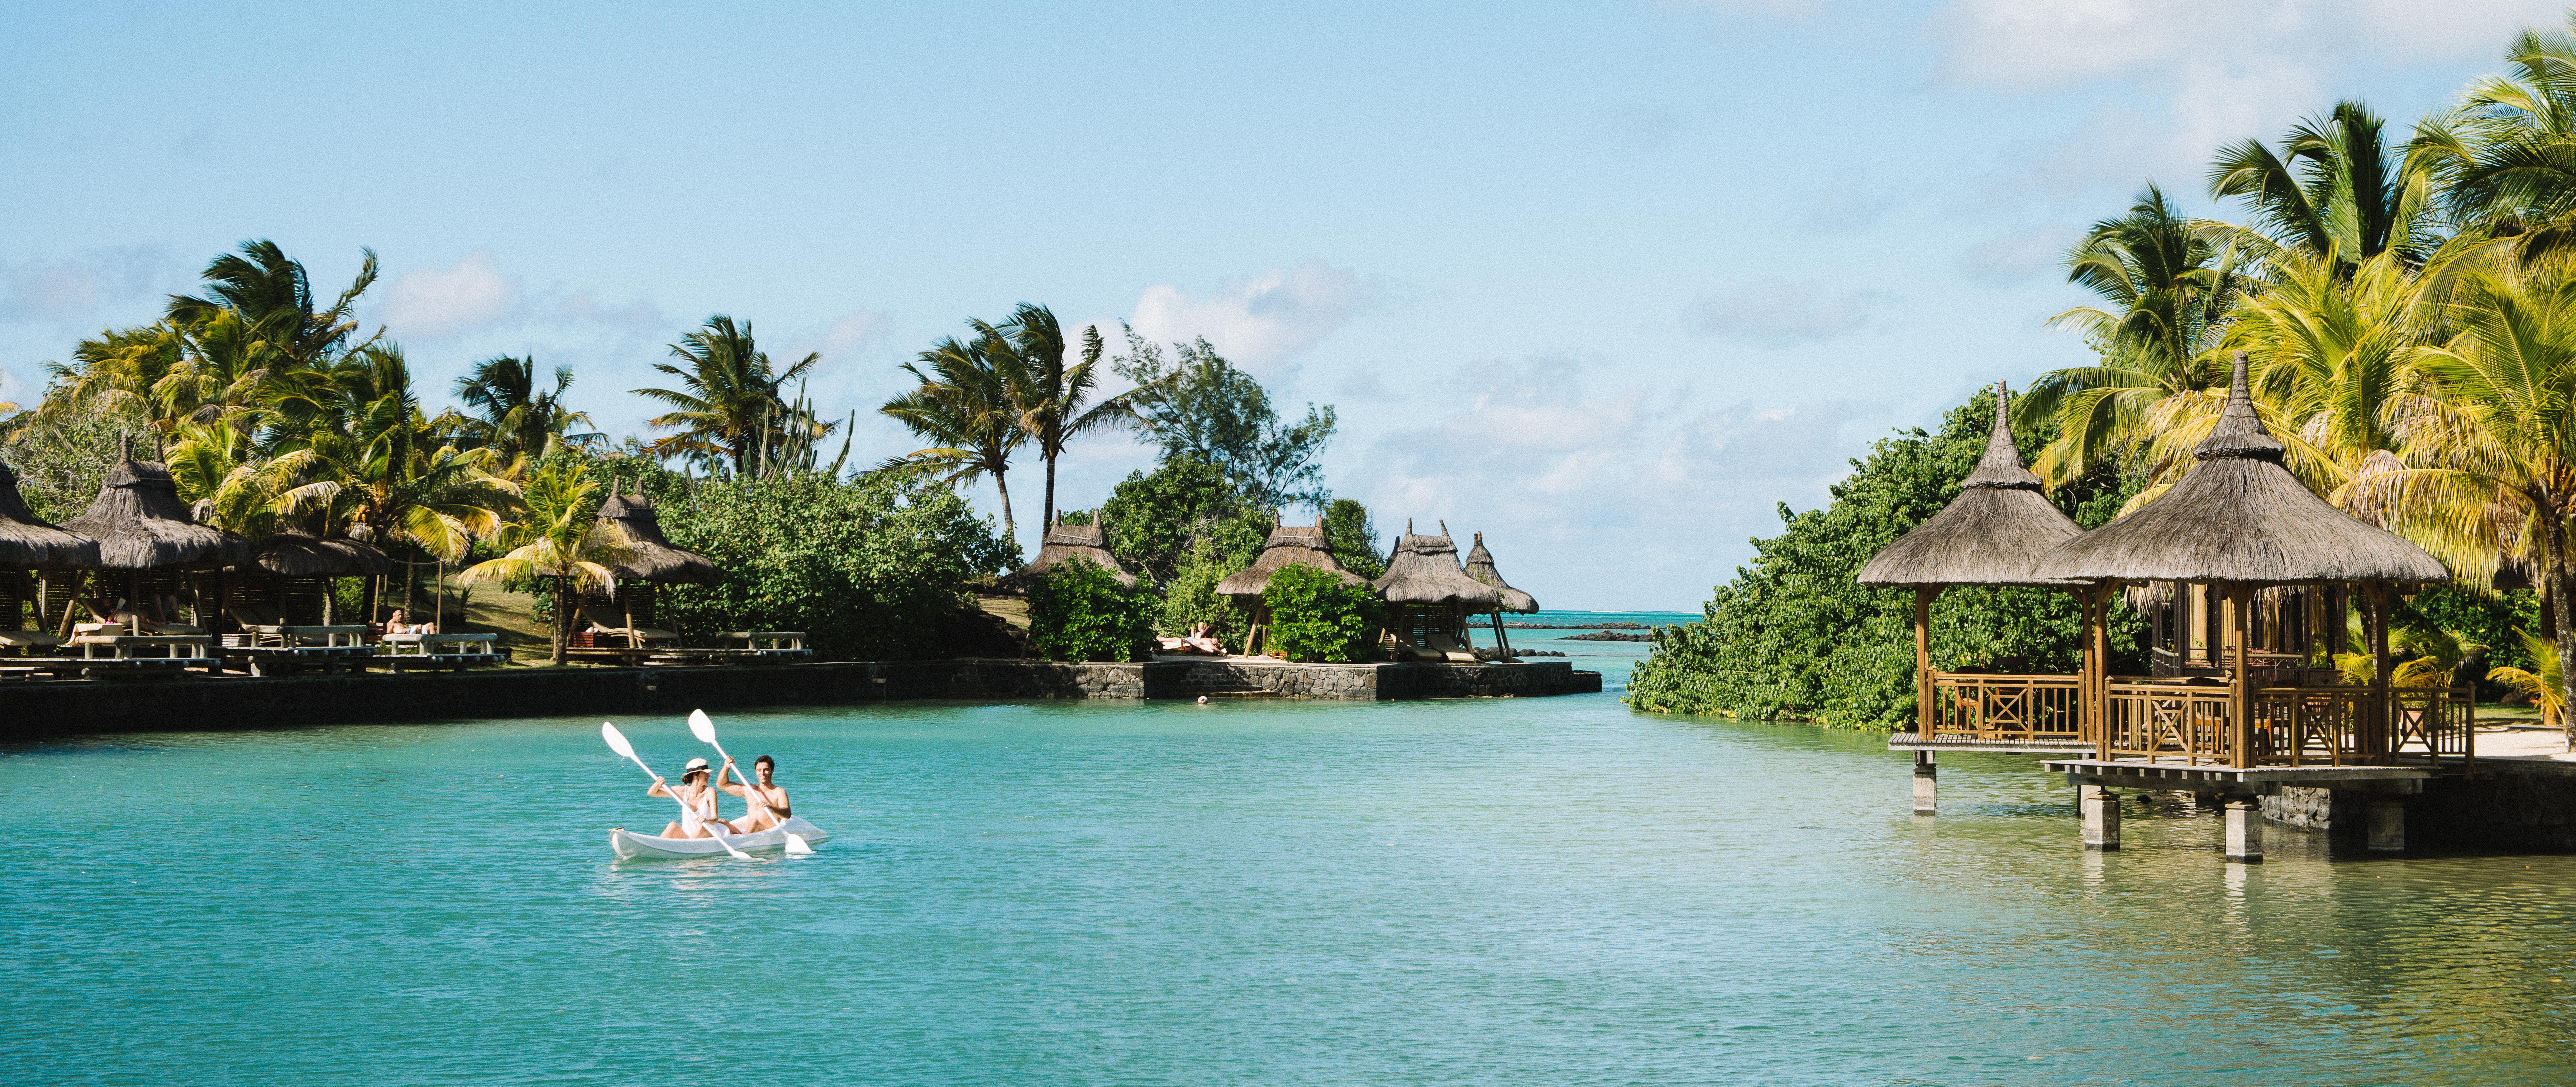 kayaking-mauritius